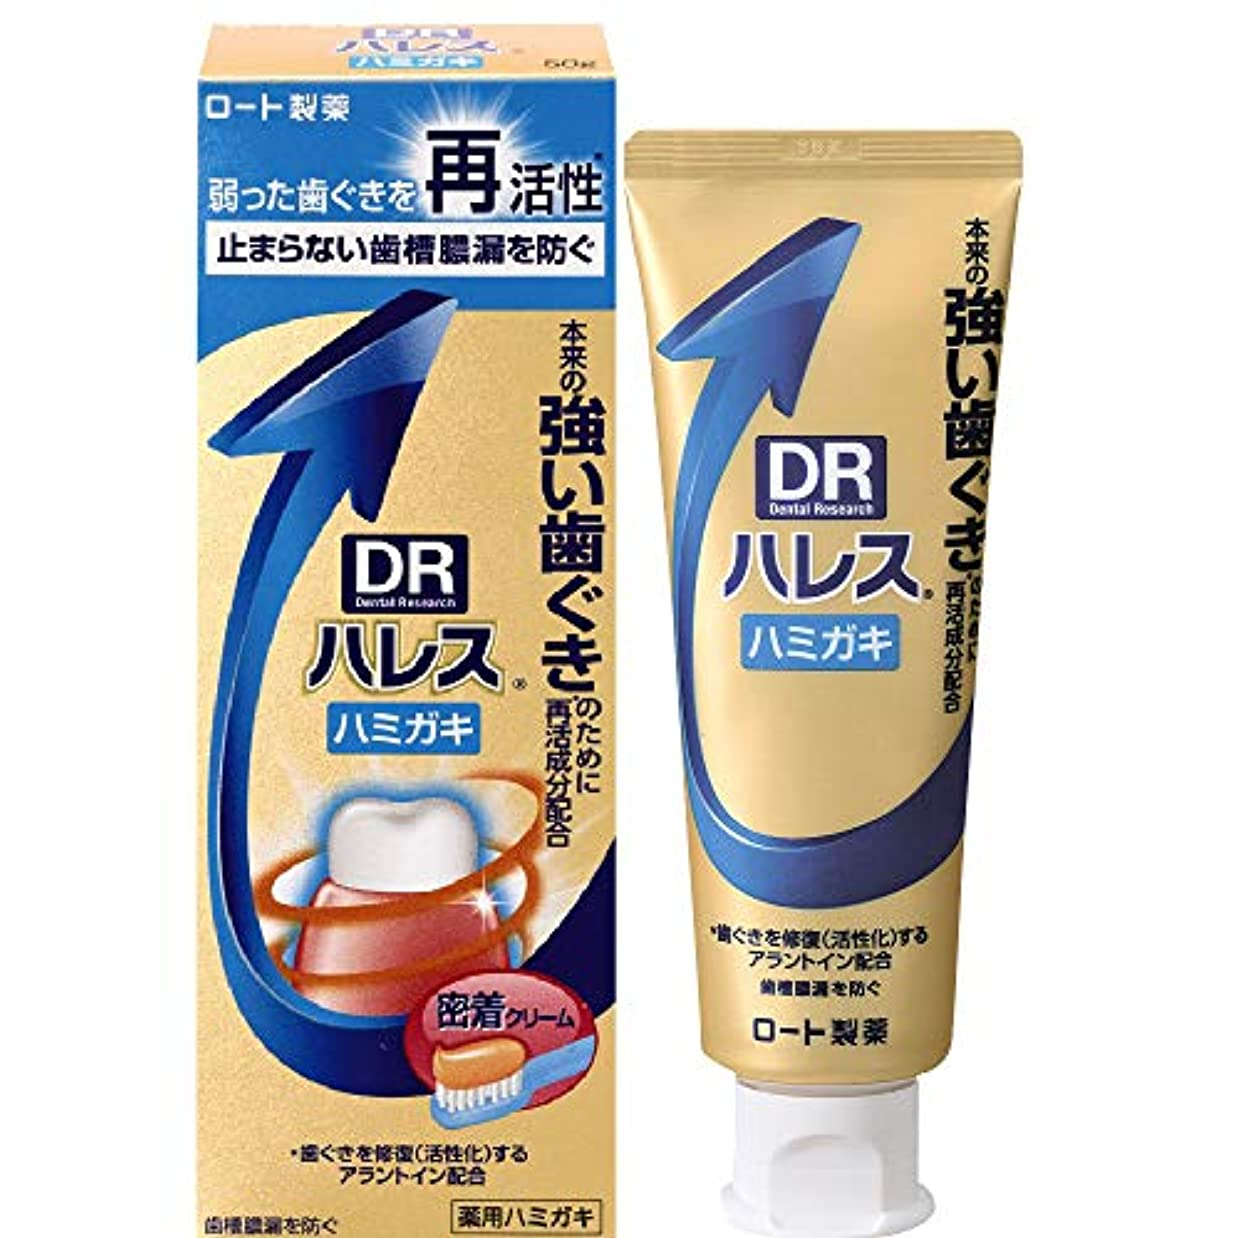 ホース割合エーカー【医薬部外品】ハレス 歯茎再活性 歯槽膿漏を防ぐ 薬用ハミガキ 130g